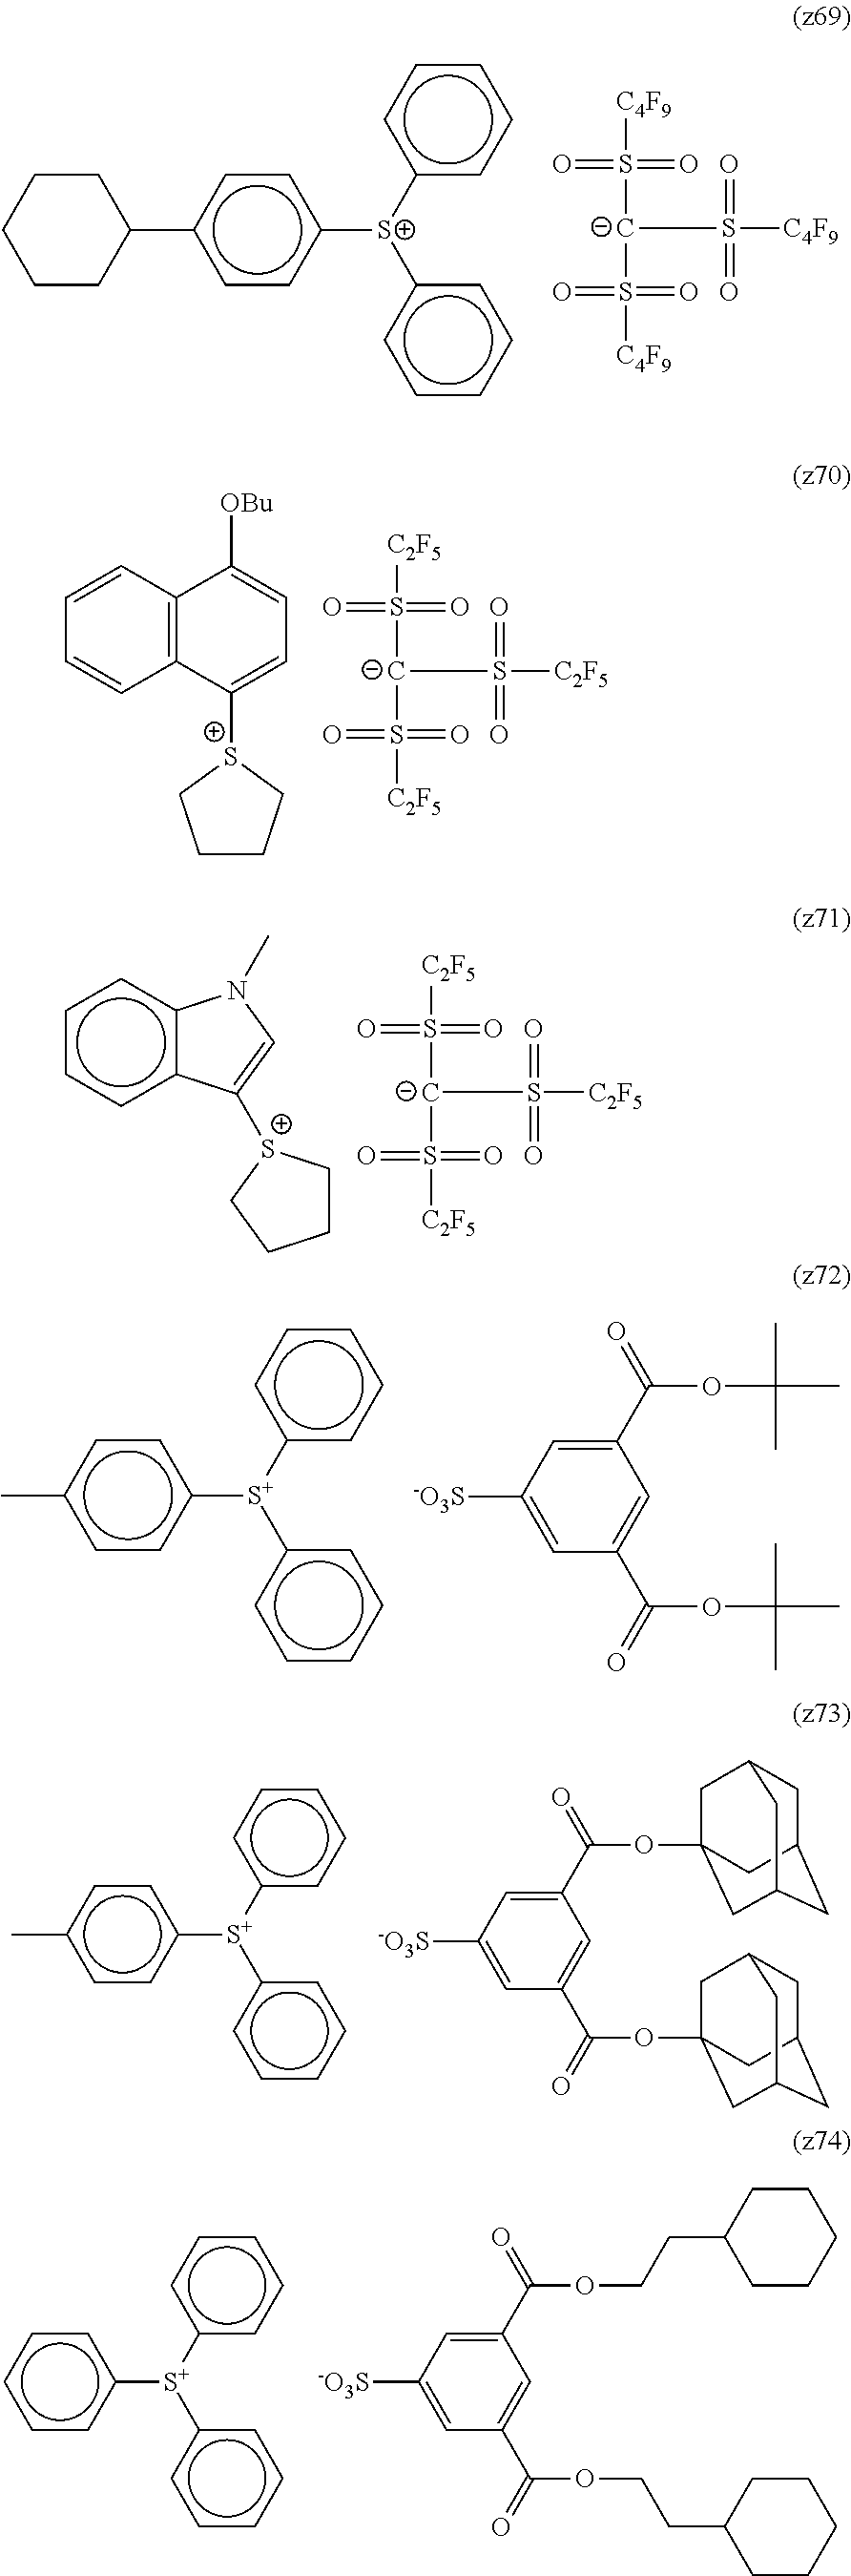 Figure US08071272-20111206-C00055